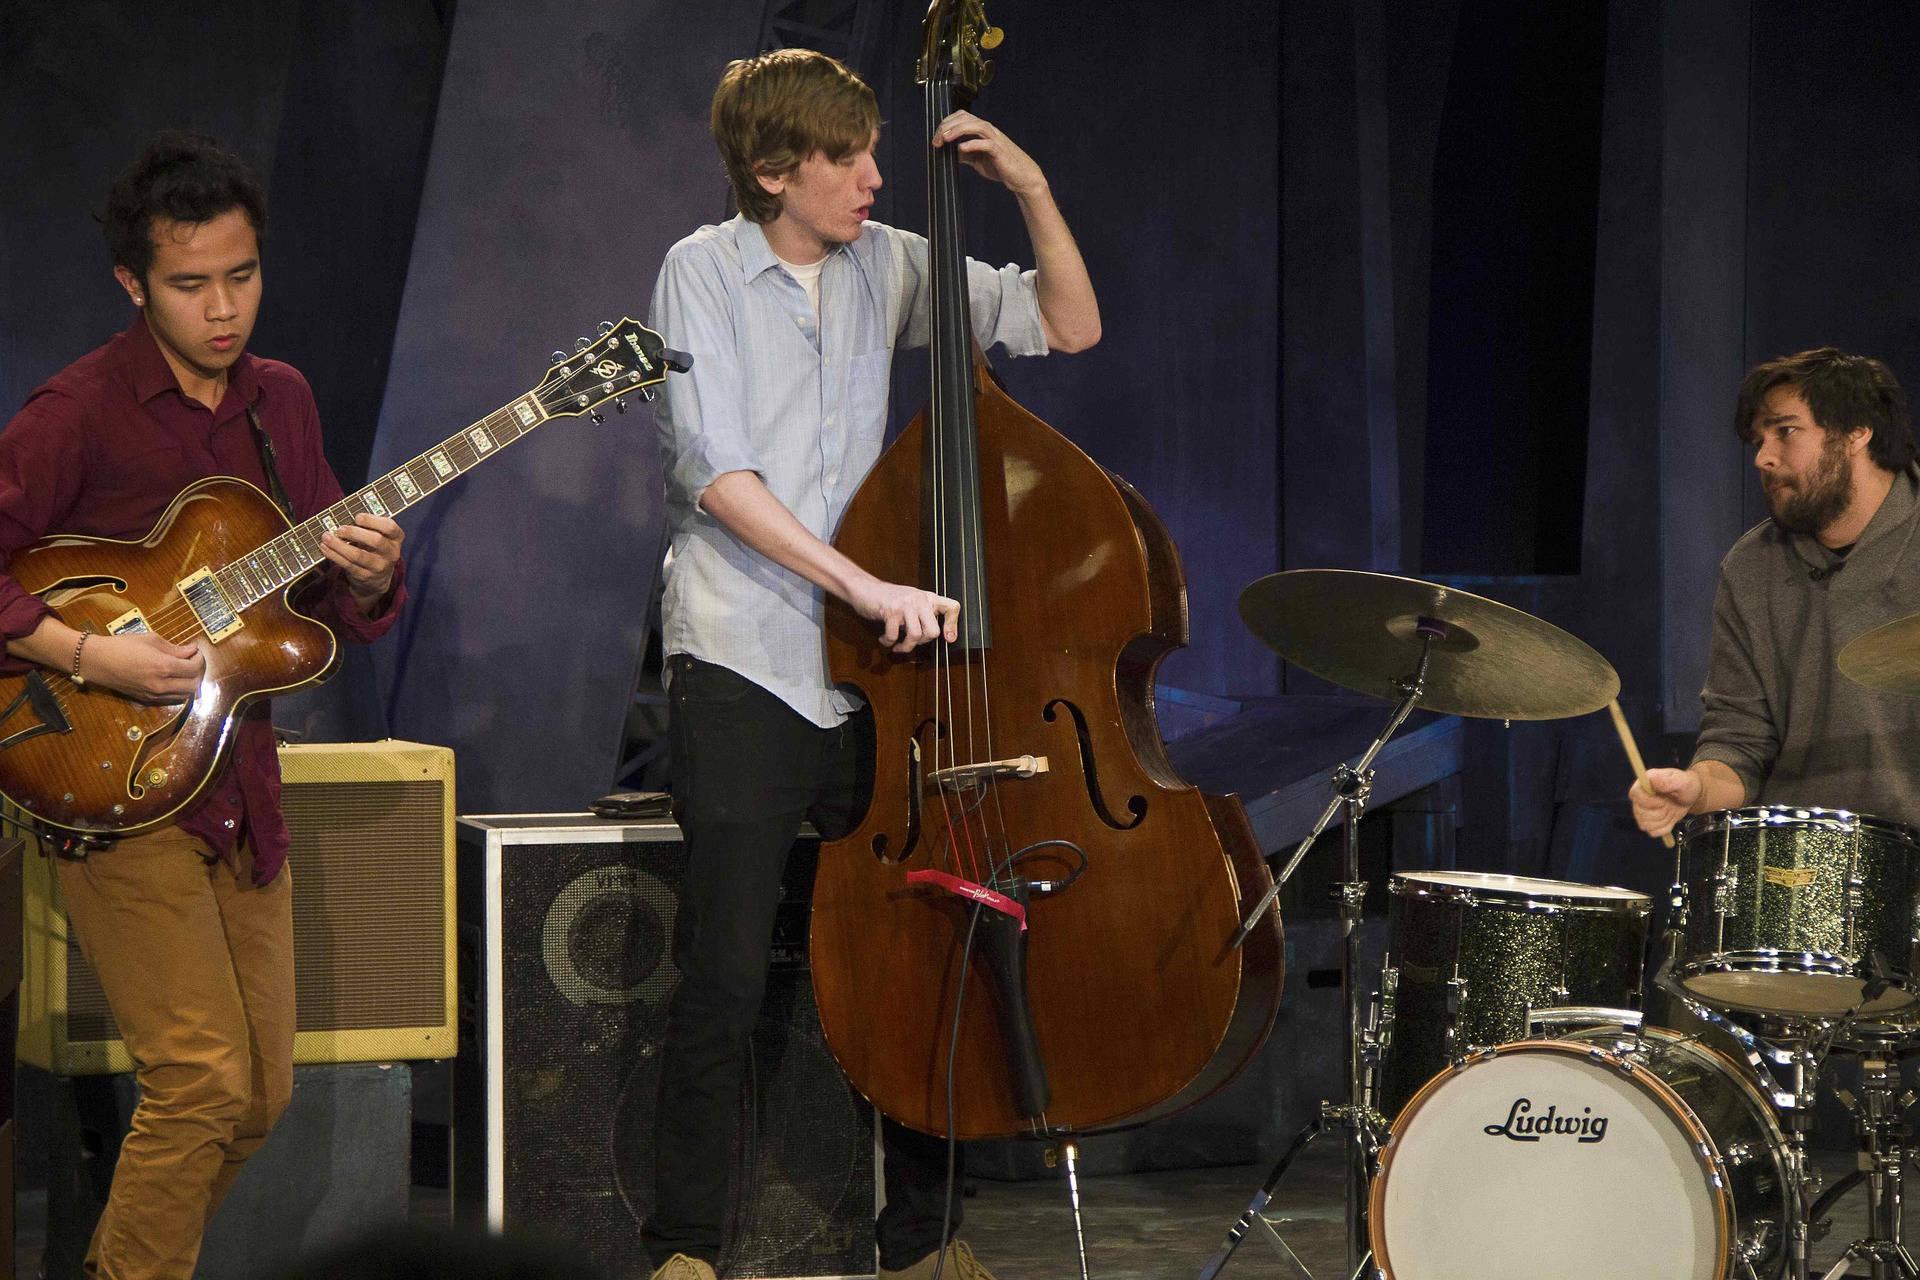 bass lernen köln ehrenfeld musikschule jazzband